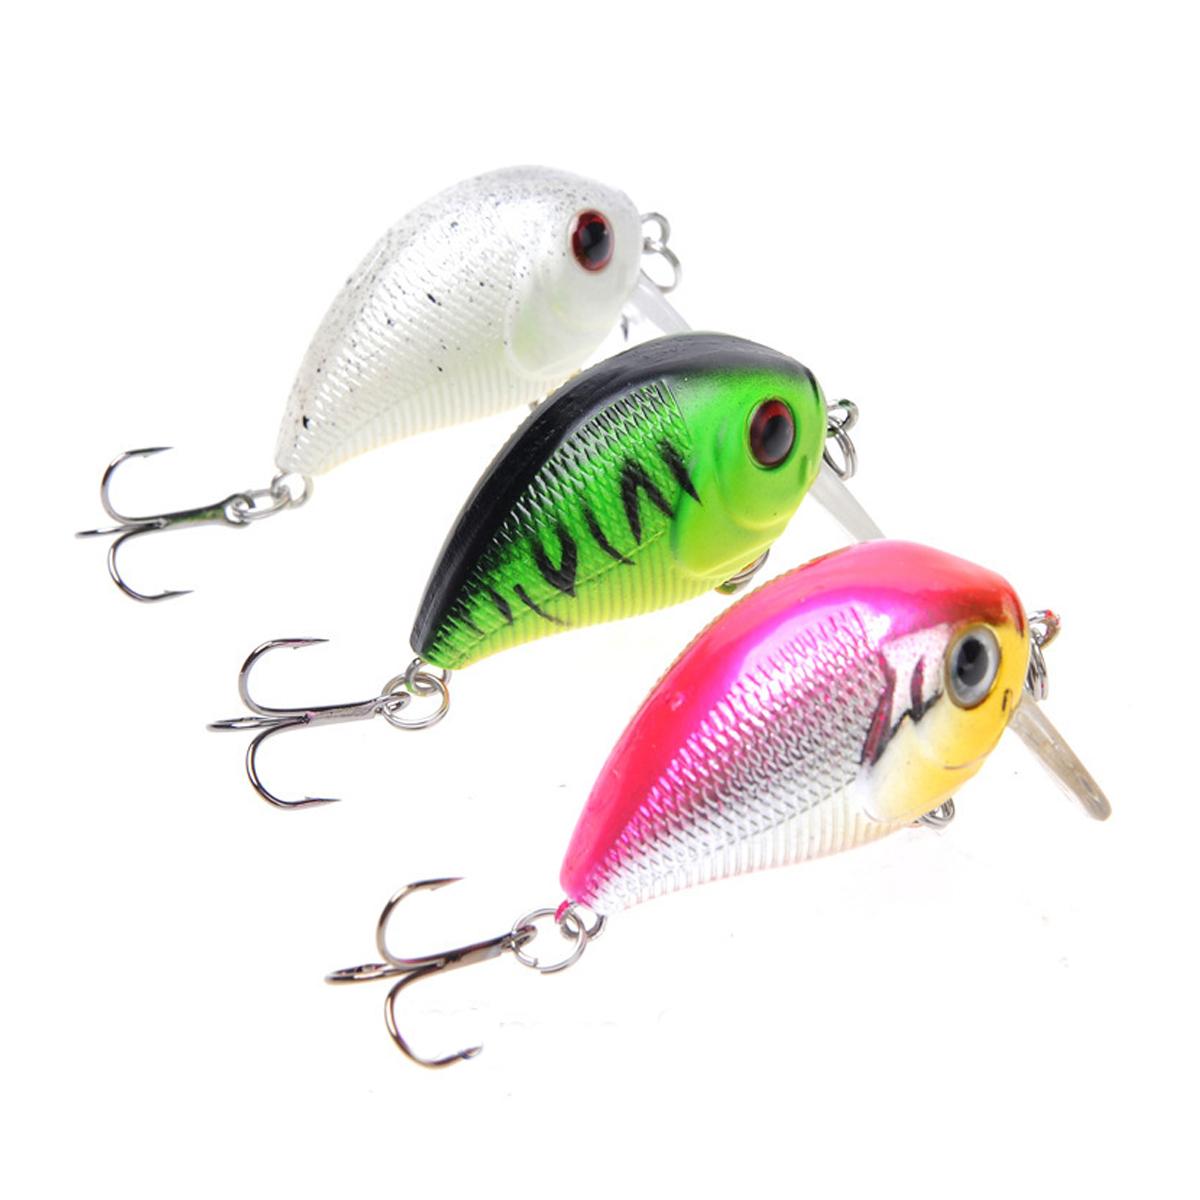 ZANLURE 1pc 5cm 8g Wobbler Fat Crankbait Fishing Lure Artificial Bass Hard Bait